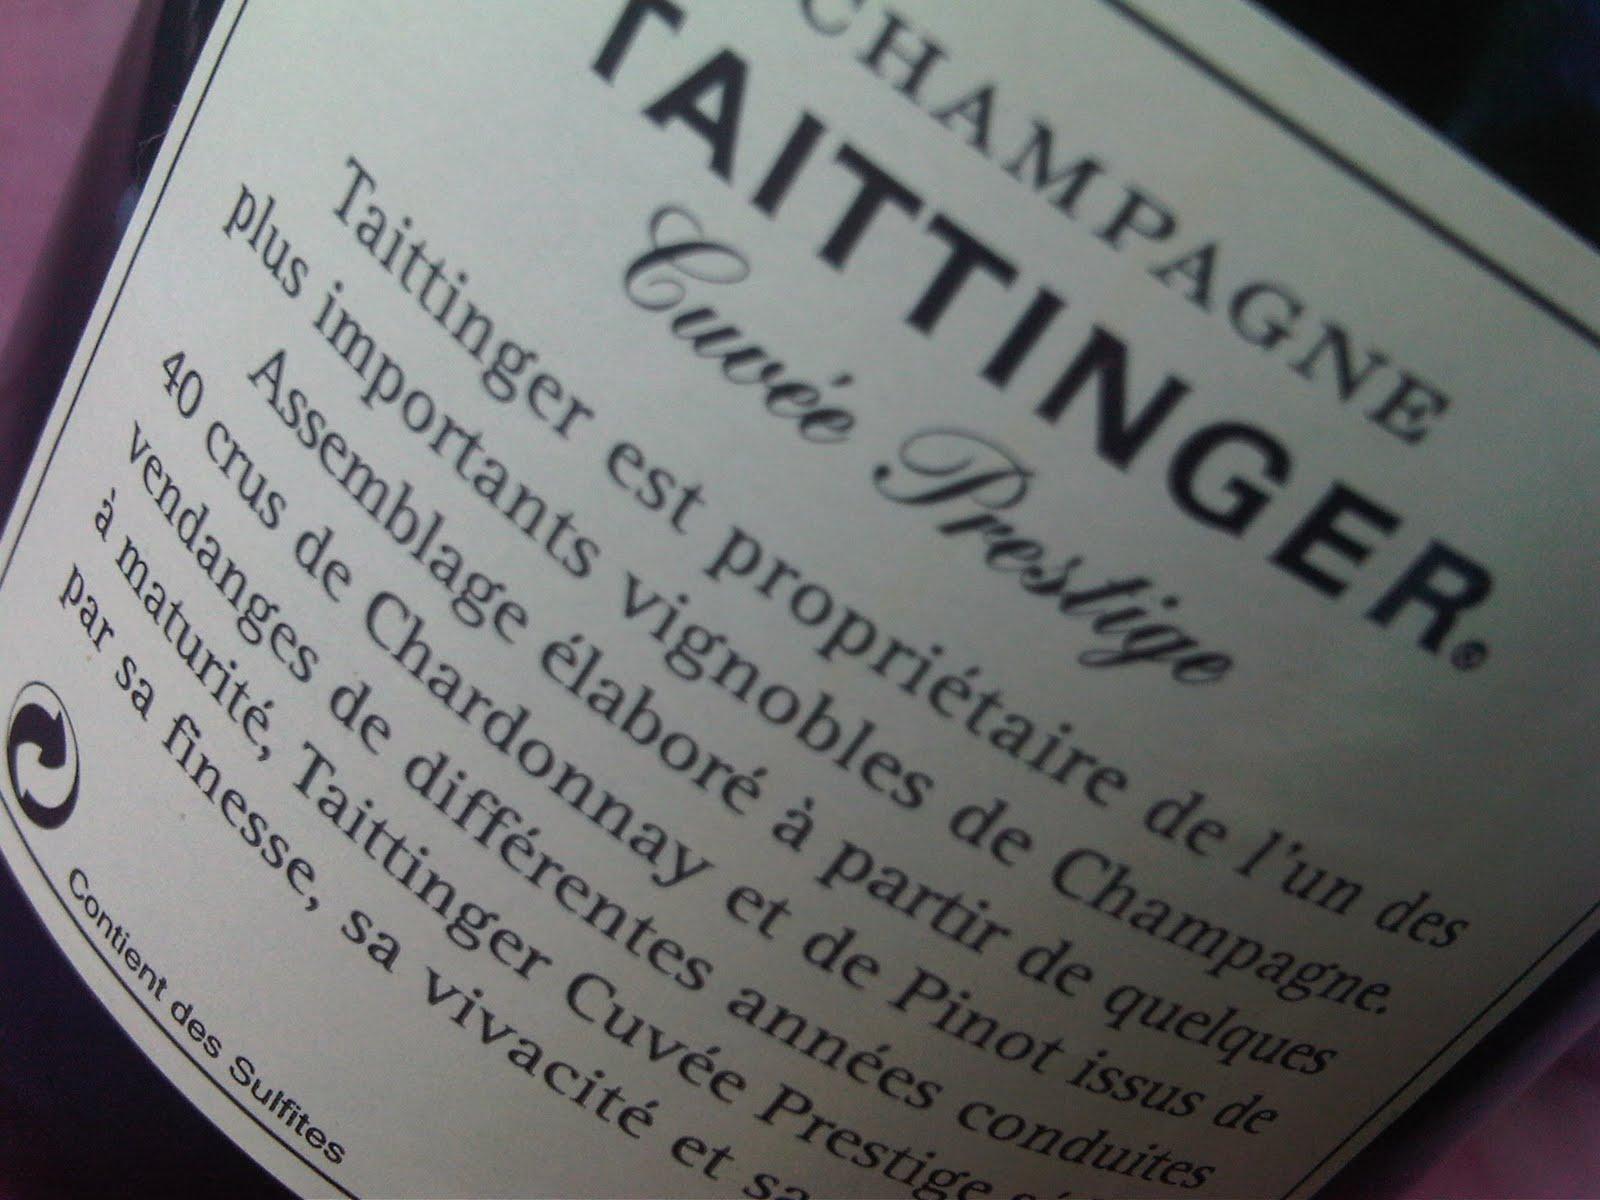 El alma del vino champagne taittinger cuv e prestige - Champagne taittinger cuvee prestige ...